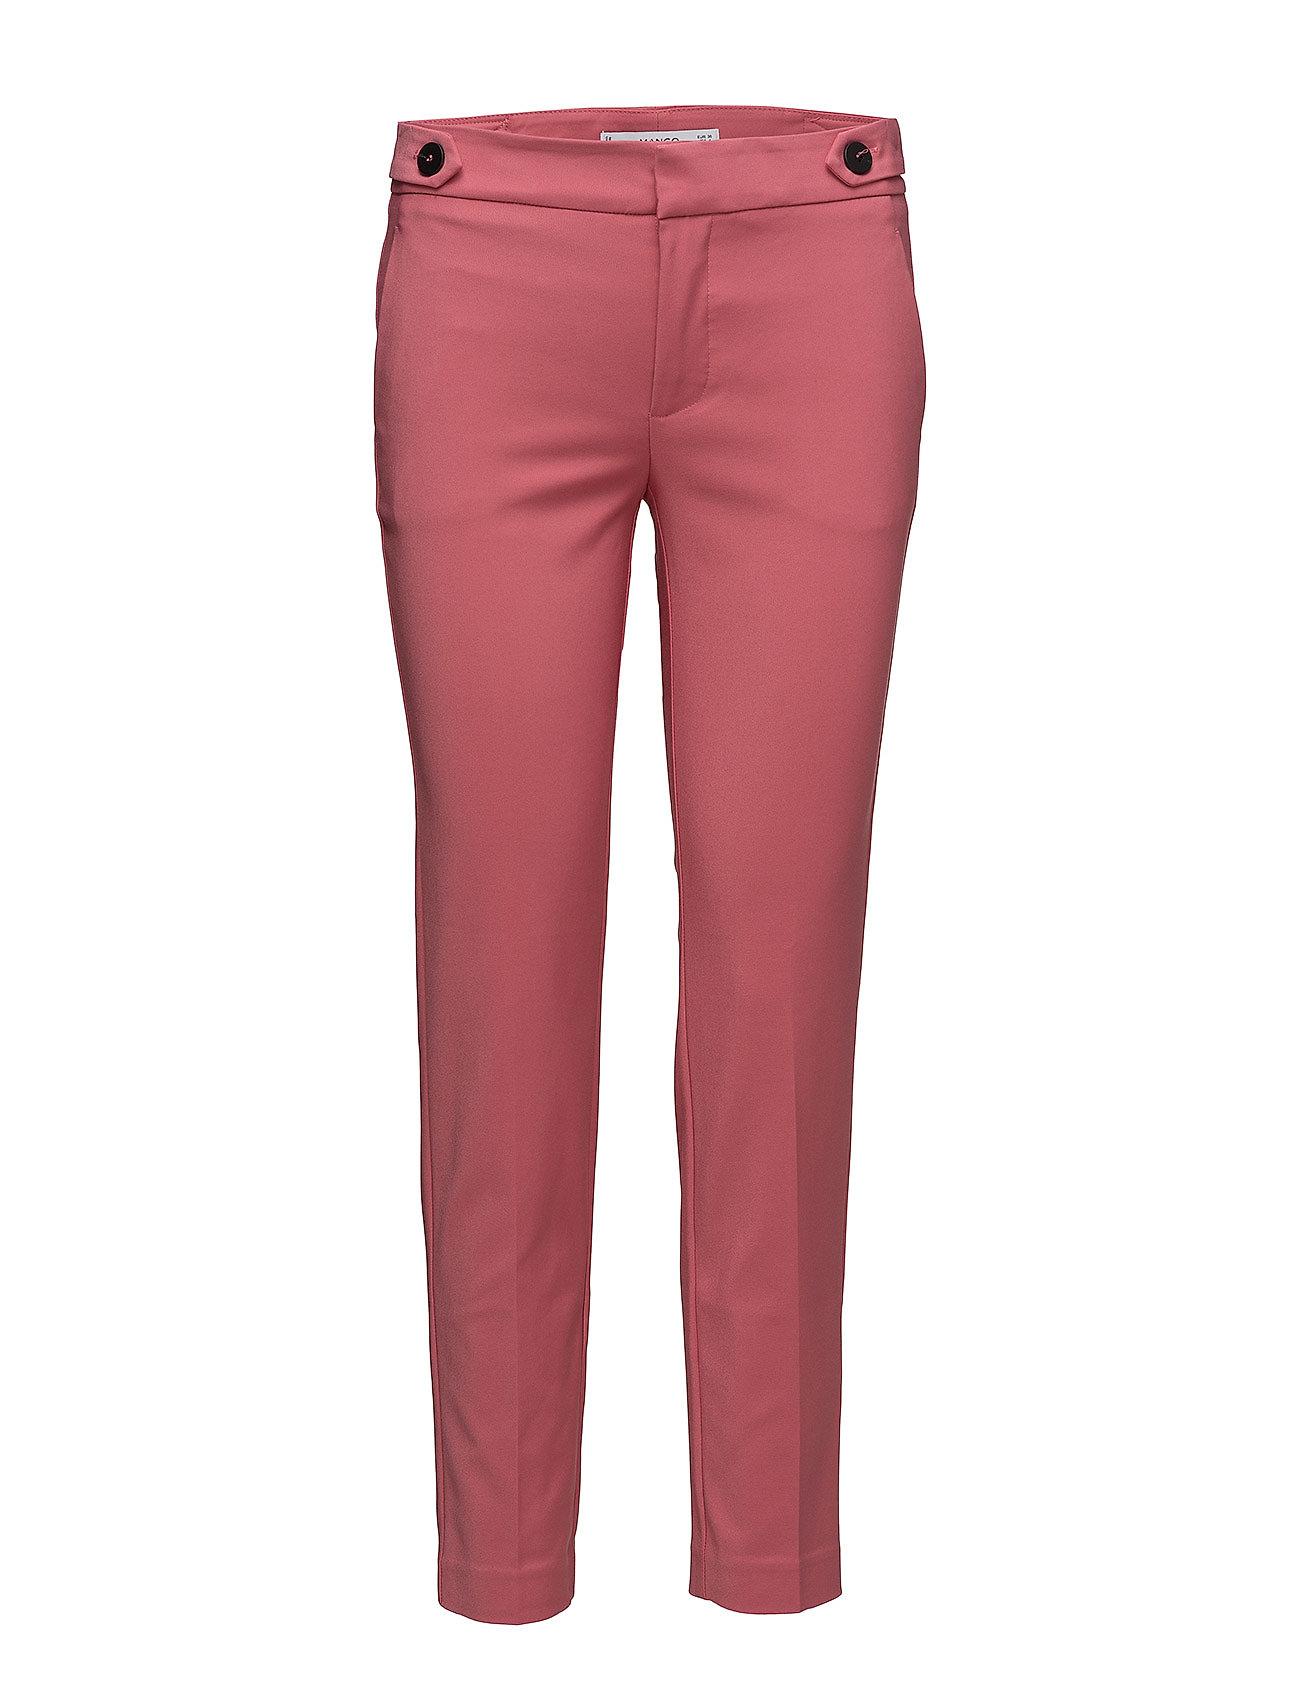 Mango Cropped button pants